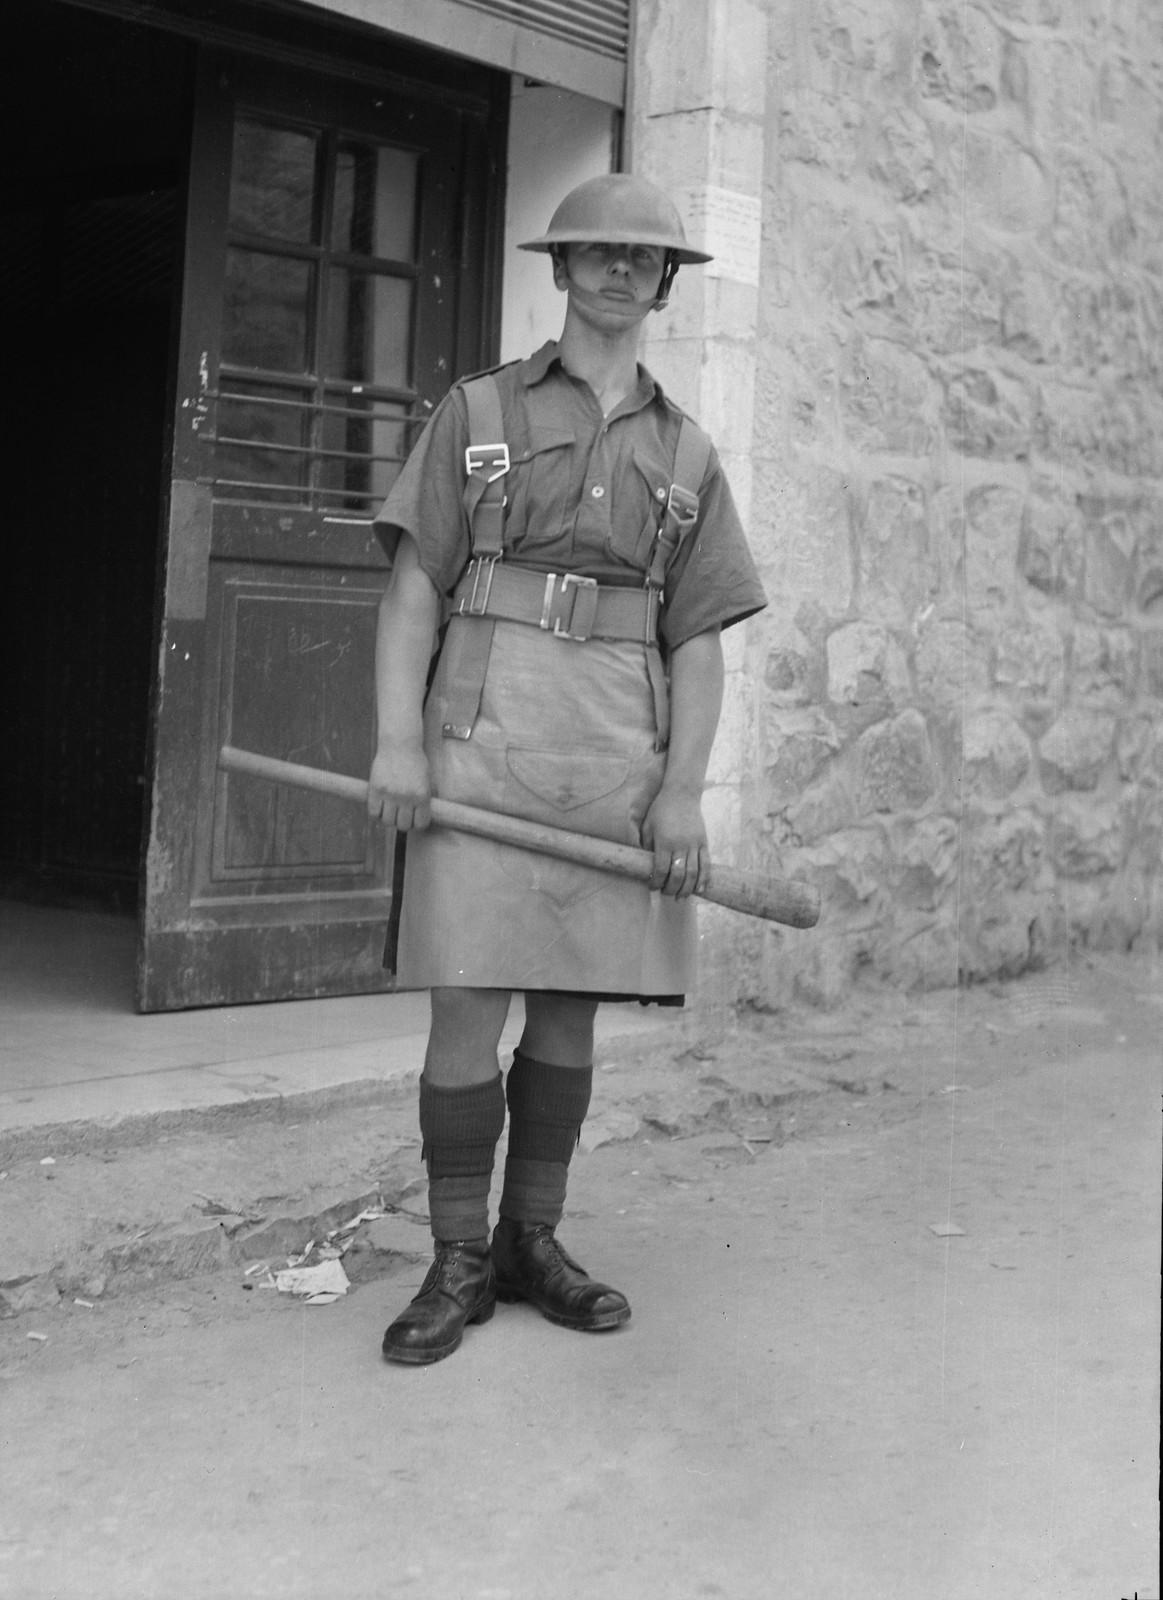 Иерусалим. Охранник почтового отделения